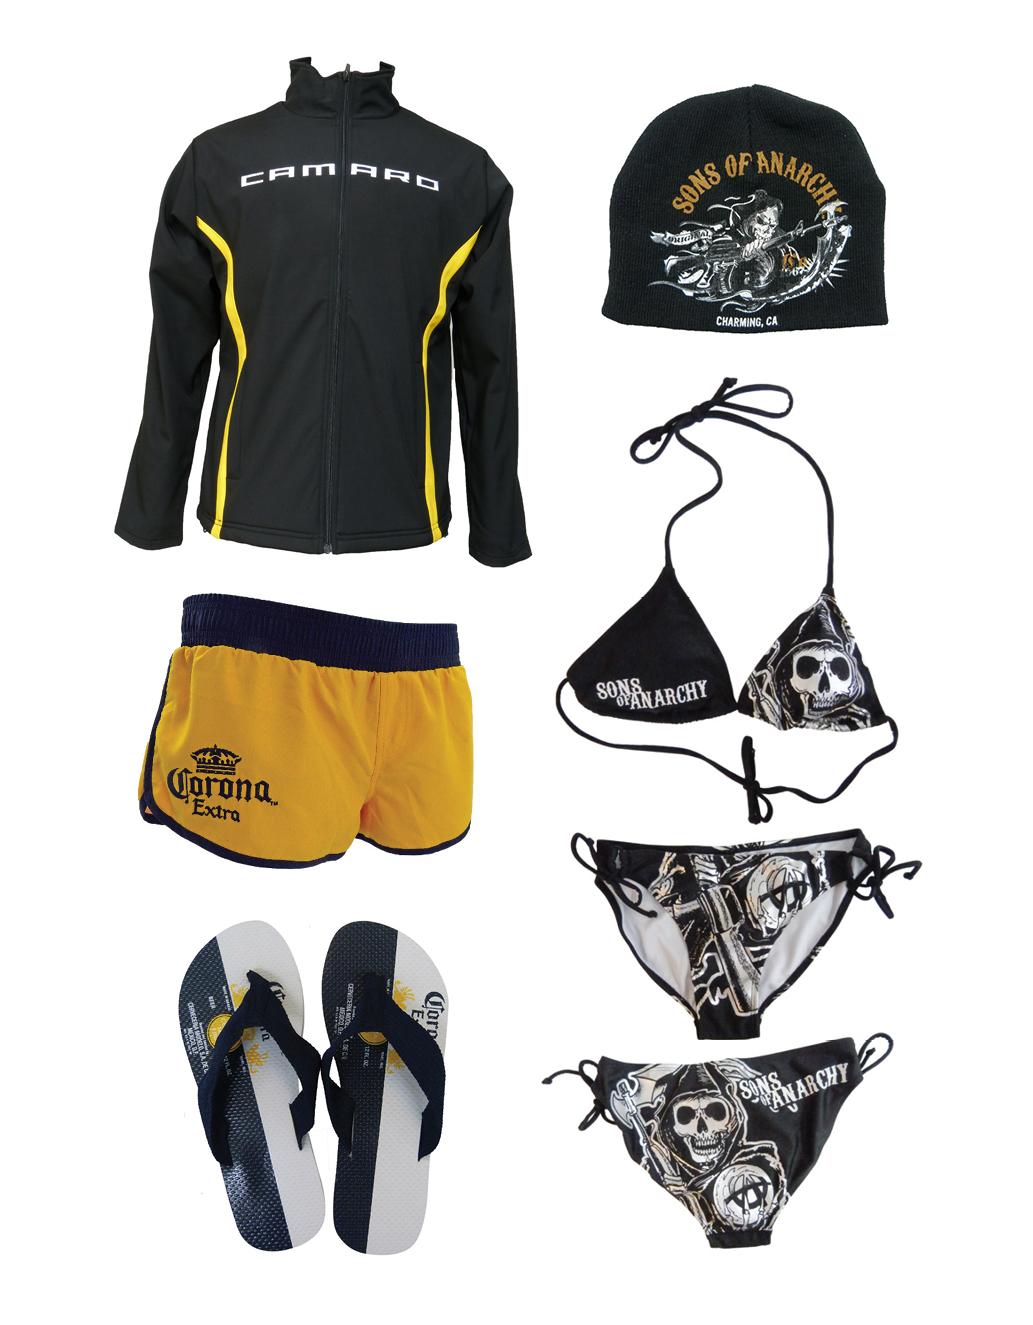 Calhoun_Sportswear_408353469